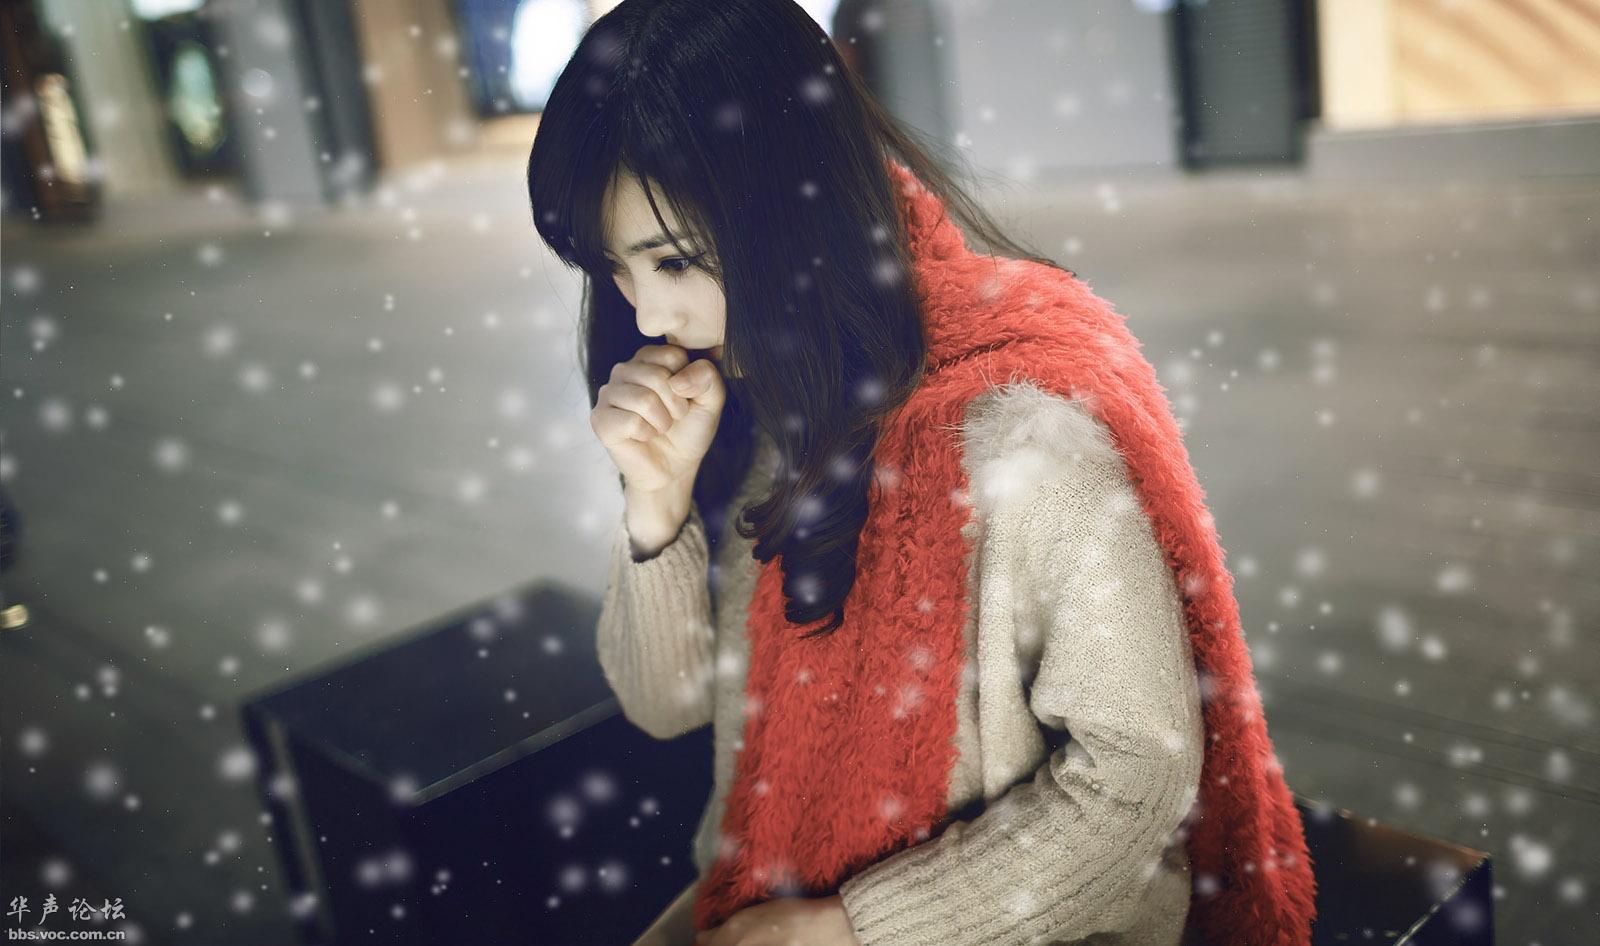 5200,天在下雪我在想你(原创) - 春风化雨 - 诗人-春风化雨的博客